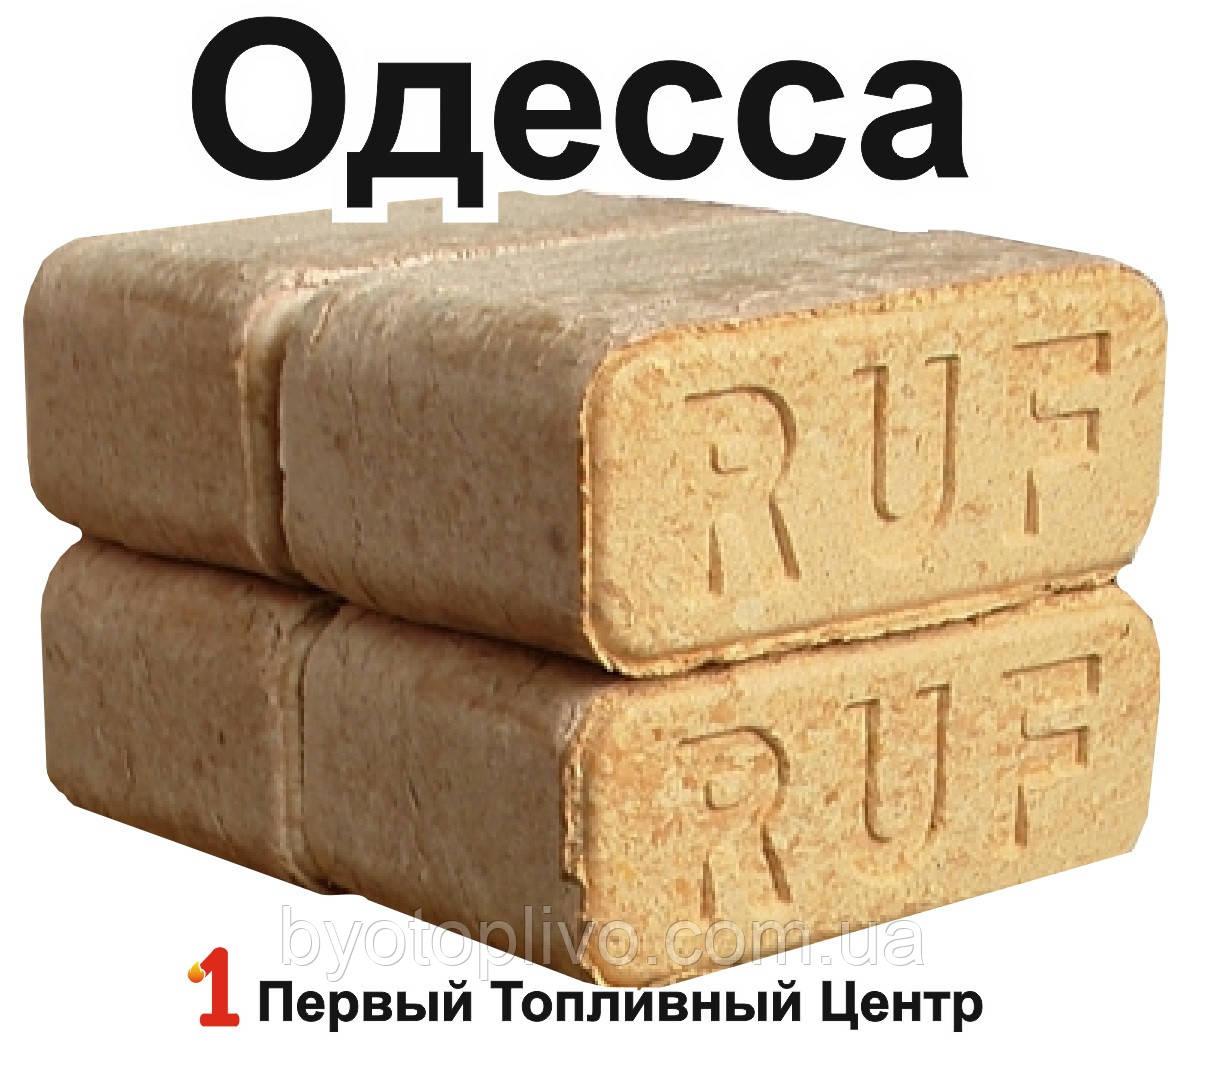 Дубовые топливные брикеты РУФ, RUF в термоупаковках.